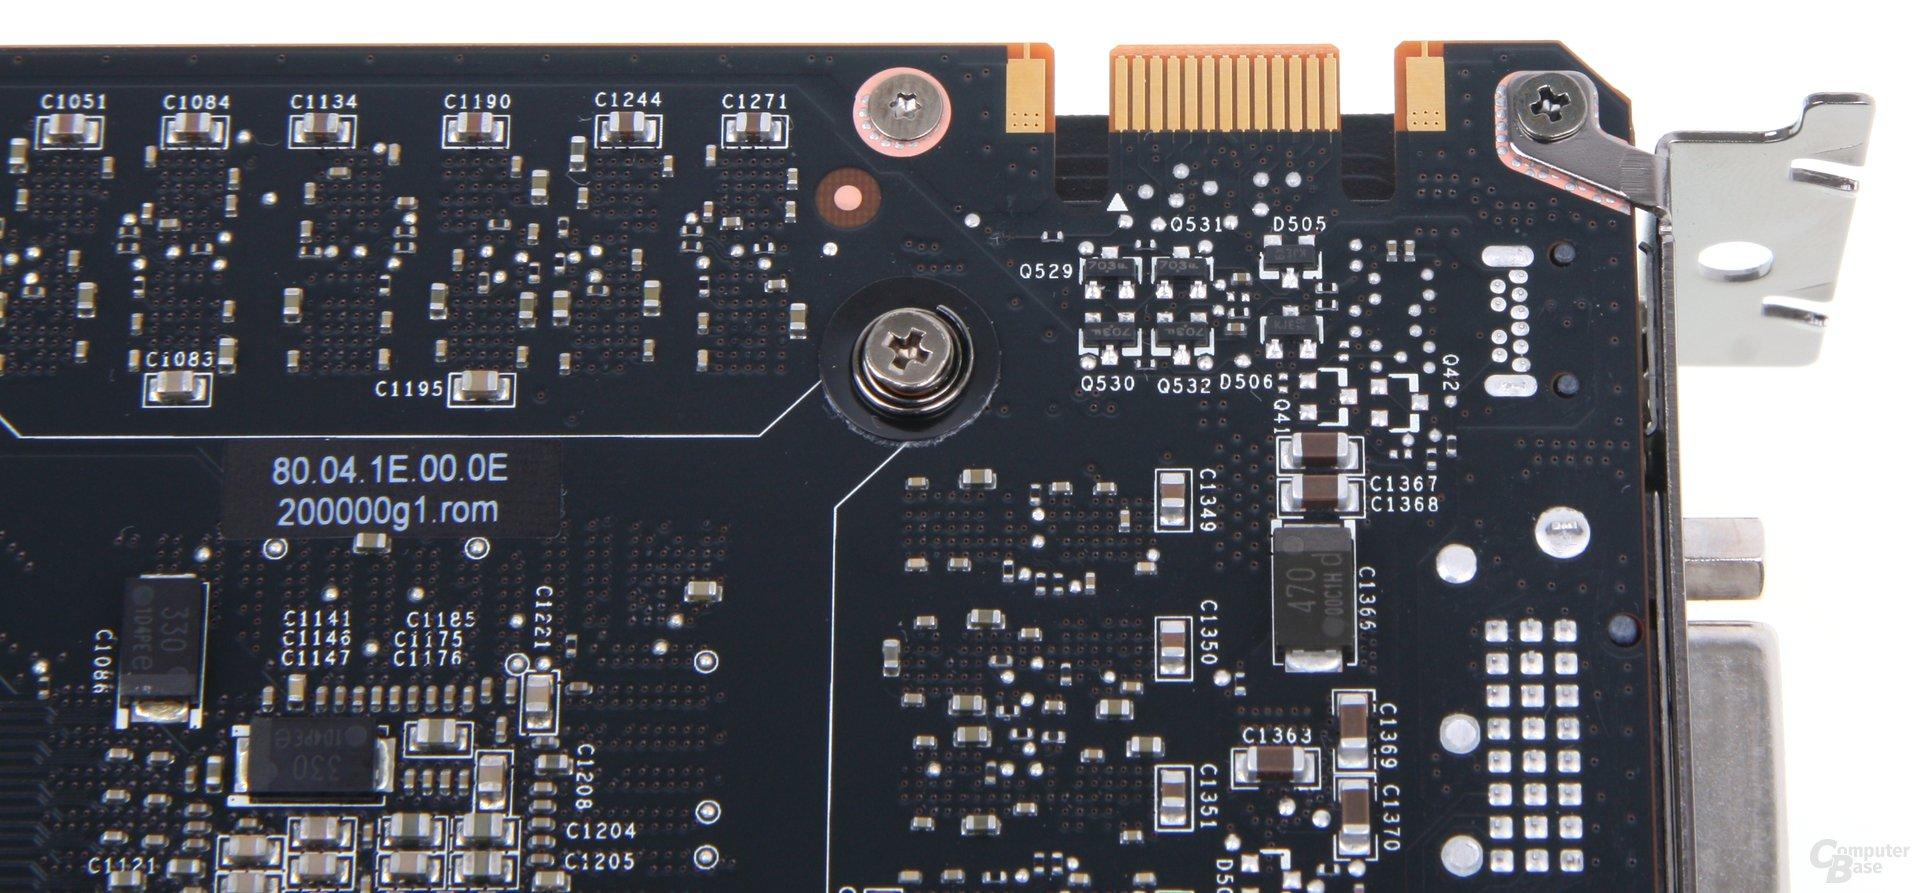 GeForce GTX 690 SLI-Anschluss